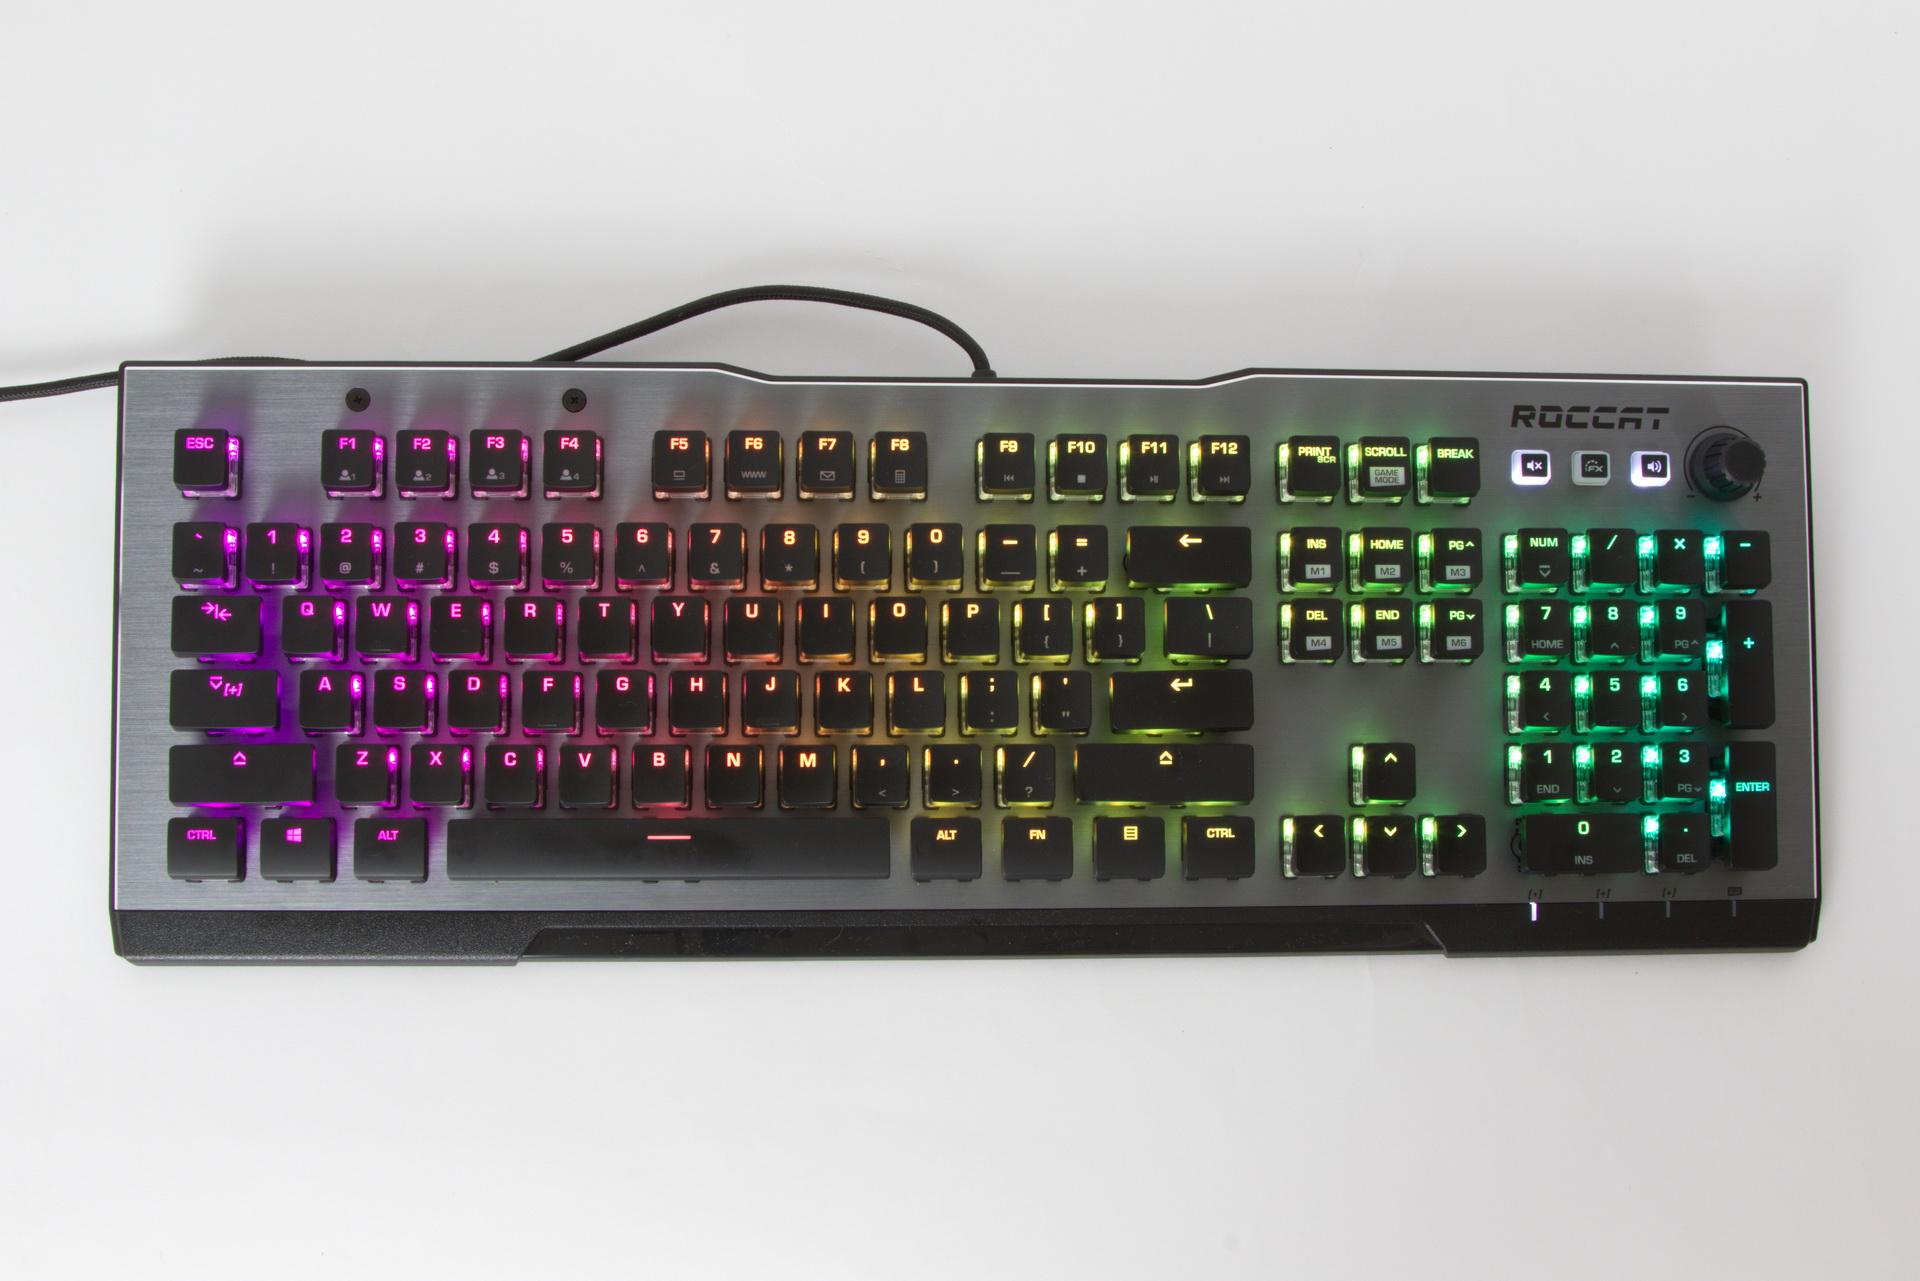 RGBは明るさを最大にしても光が上に回らないようになっており、きれいな光の変化を楽しみながら入力できる